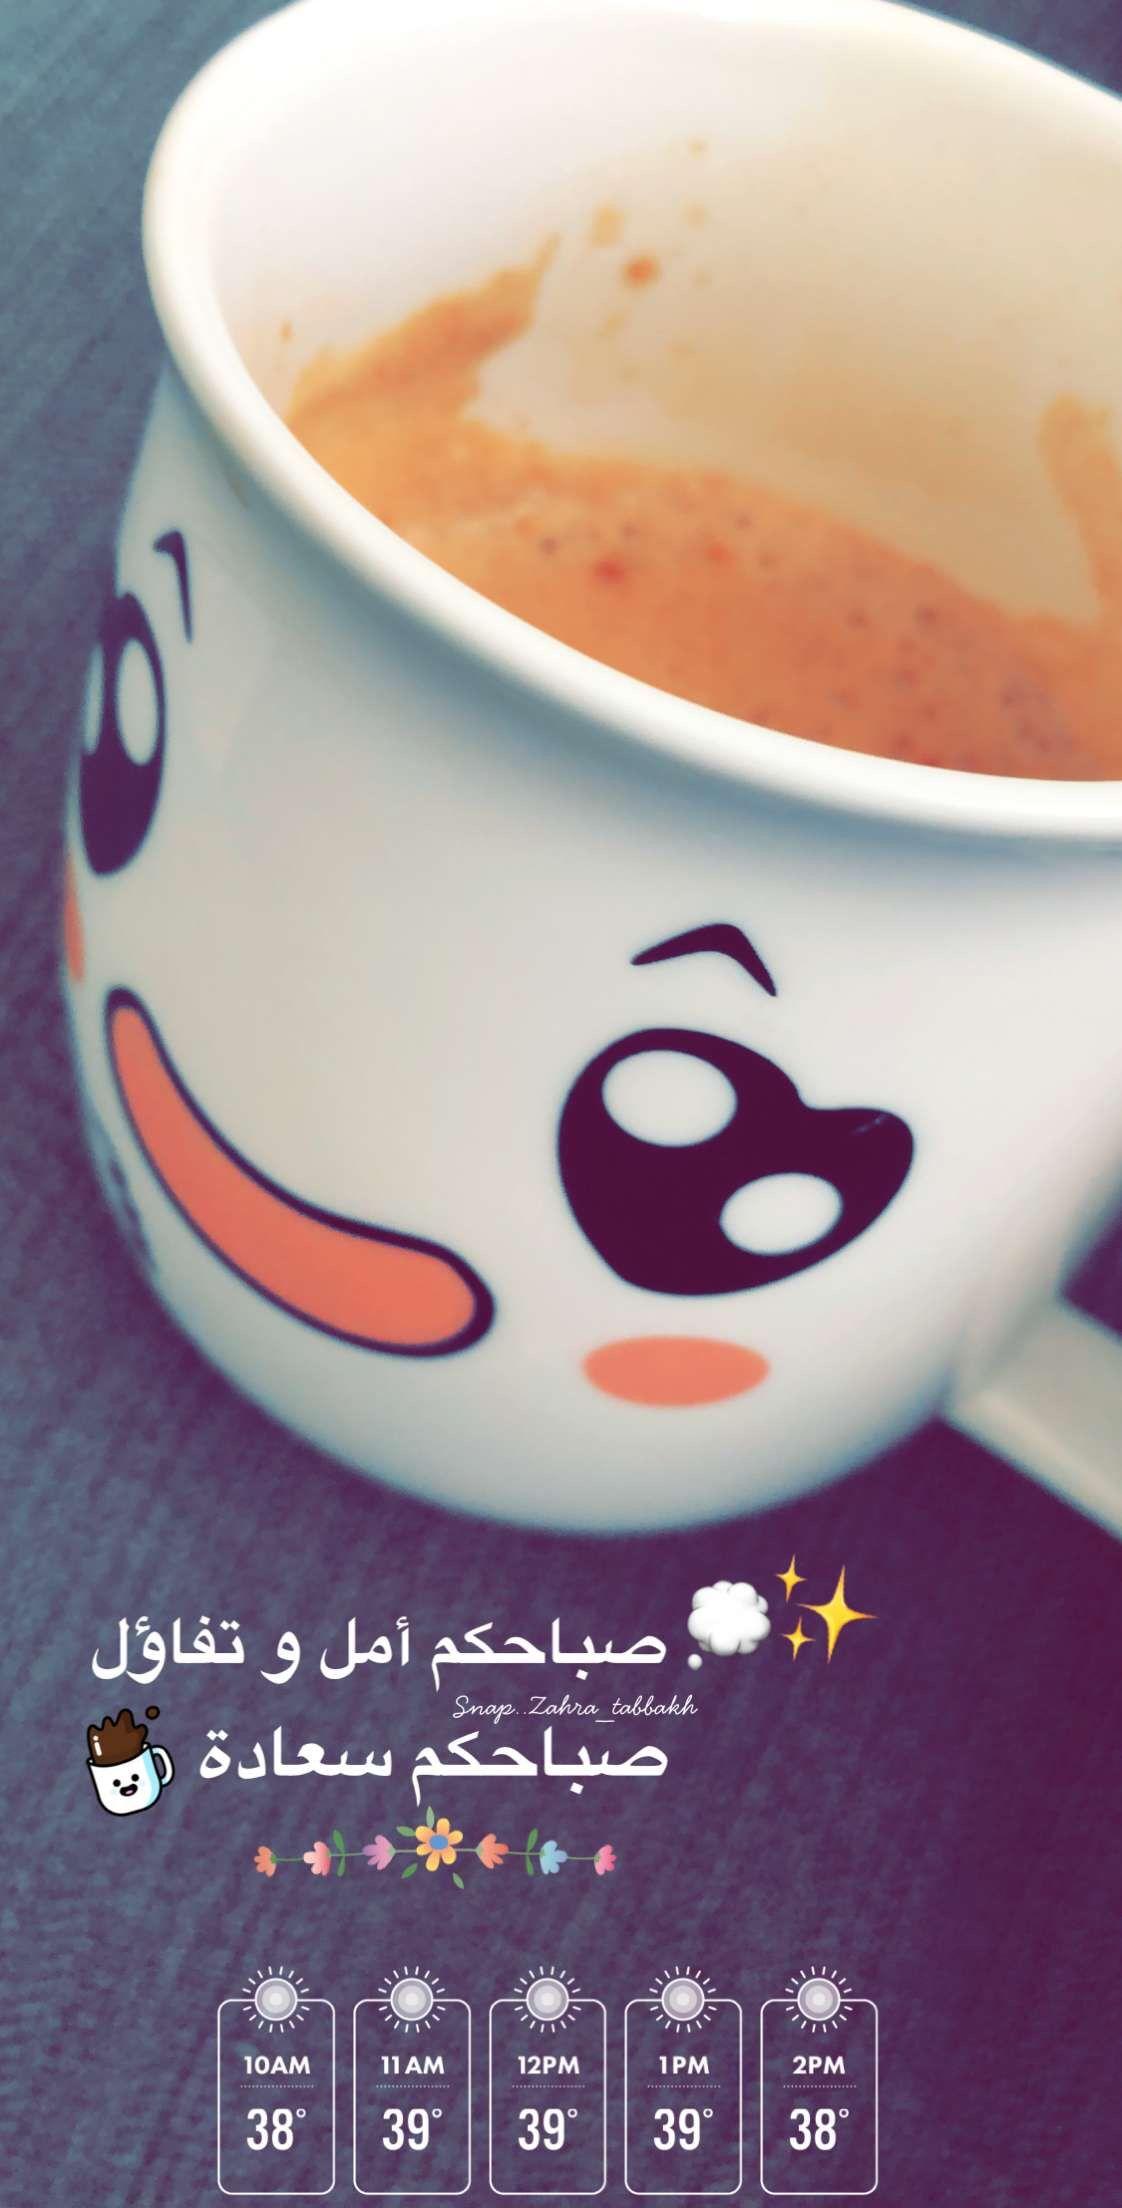 صباح السعادة Coffee Addict Snapchat Quotes Pretty Wallpapers